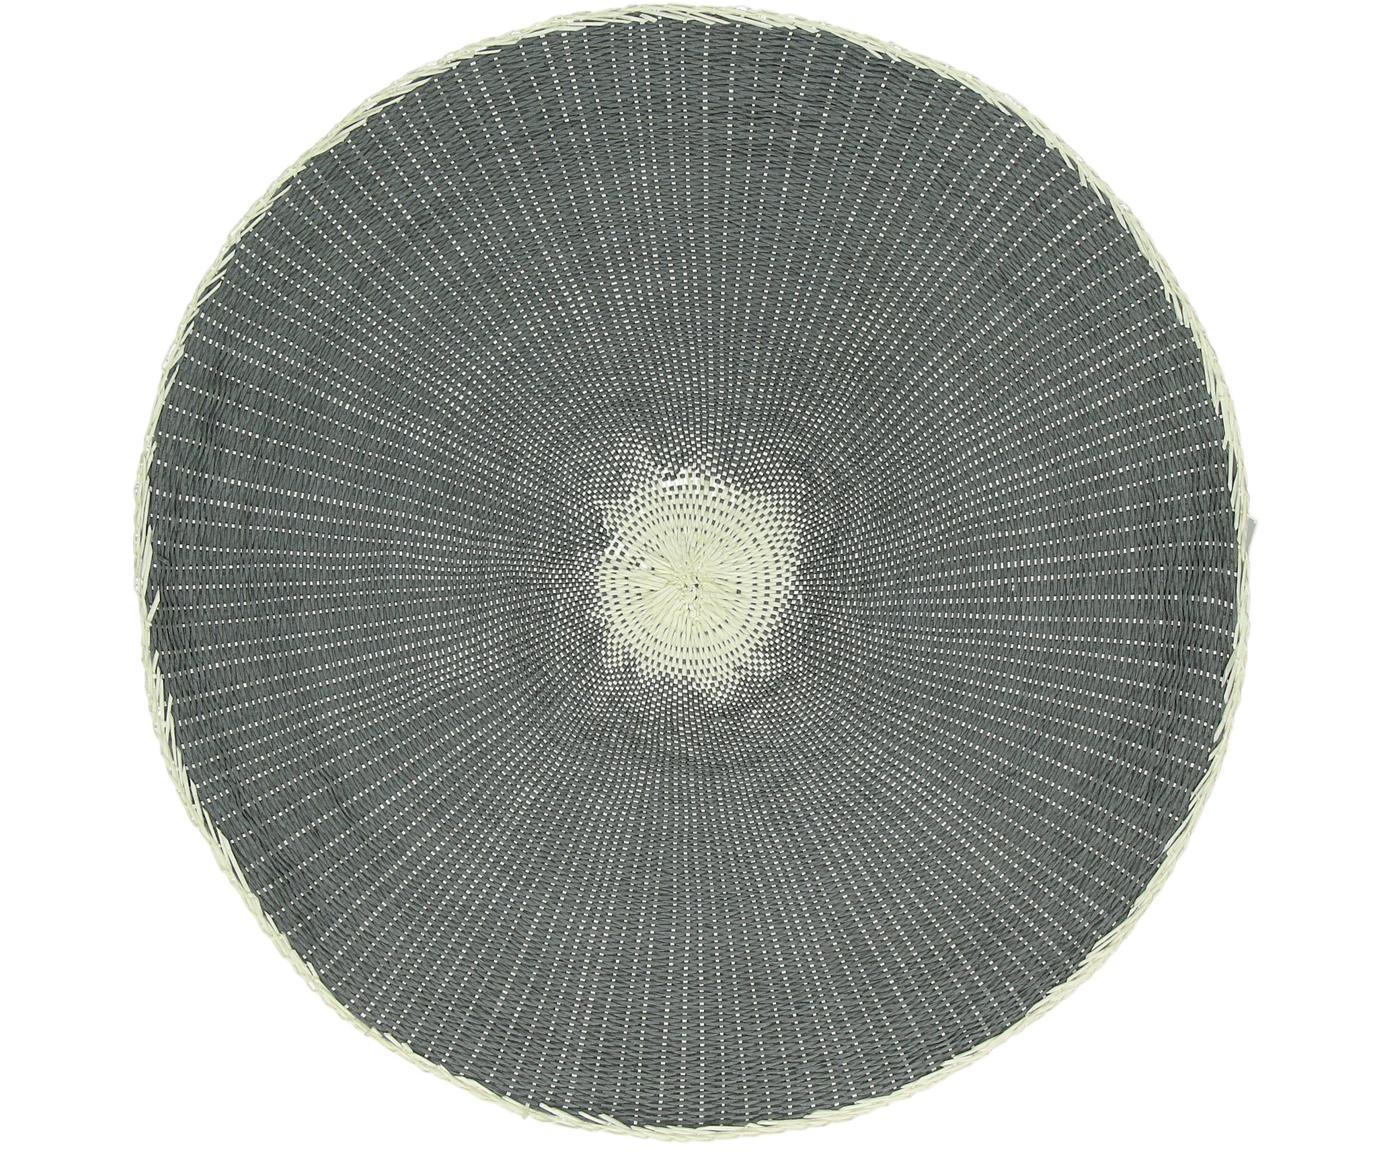 Runde Papier-Tischsets Eclat, 2 Stück, Papierfasern, Grau, Creme, Ø 38 cm